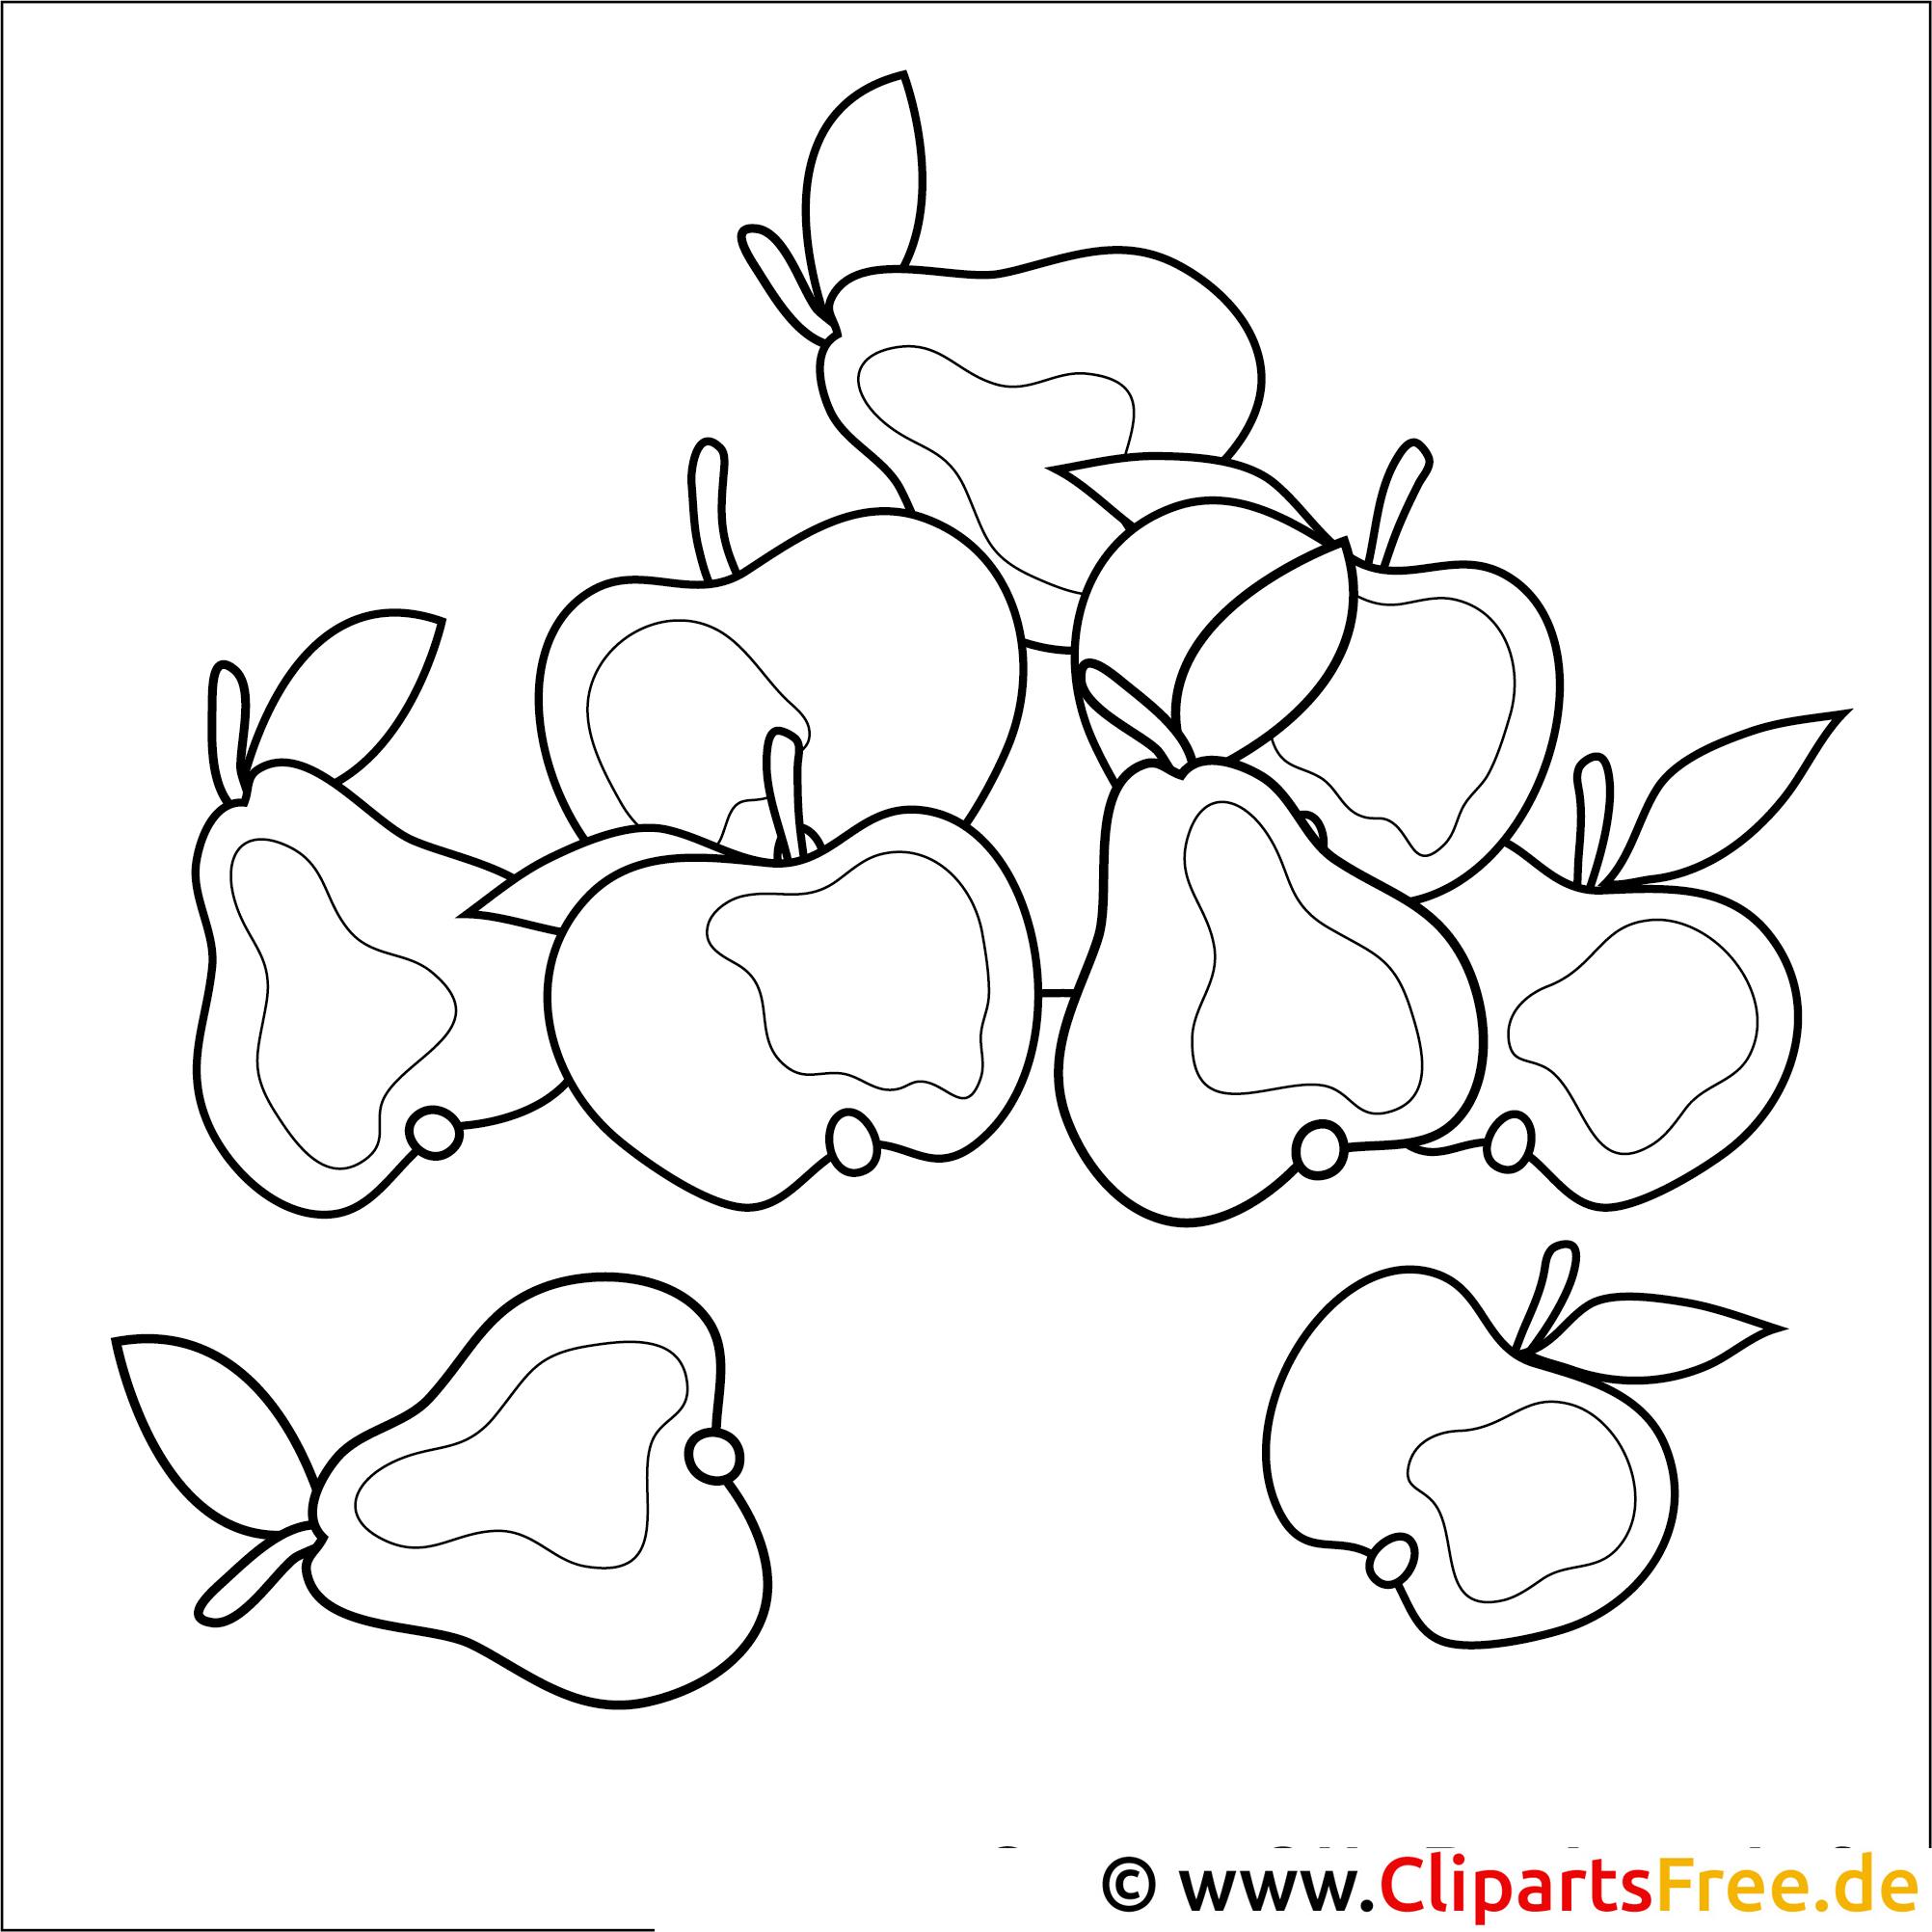 Kostenloses Ausmalbild zum Ausmalen Birnen und Aepfel im Herbst